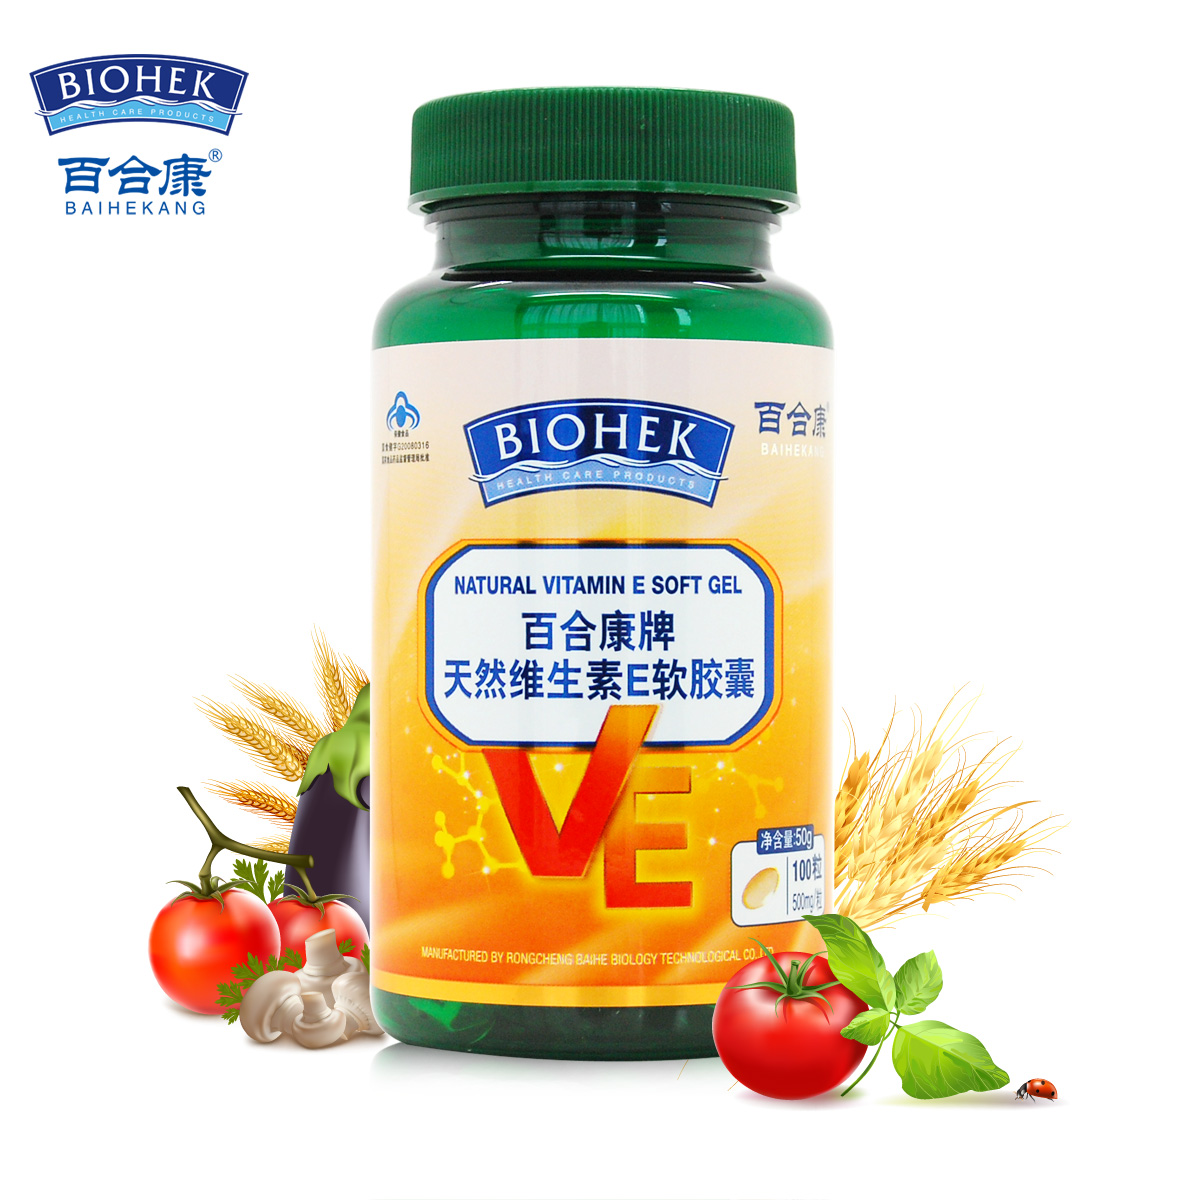 百合康天然维生素E软胶囊100粒 补充ve 养护肌肤